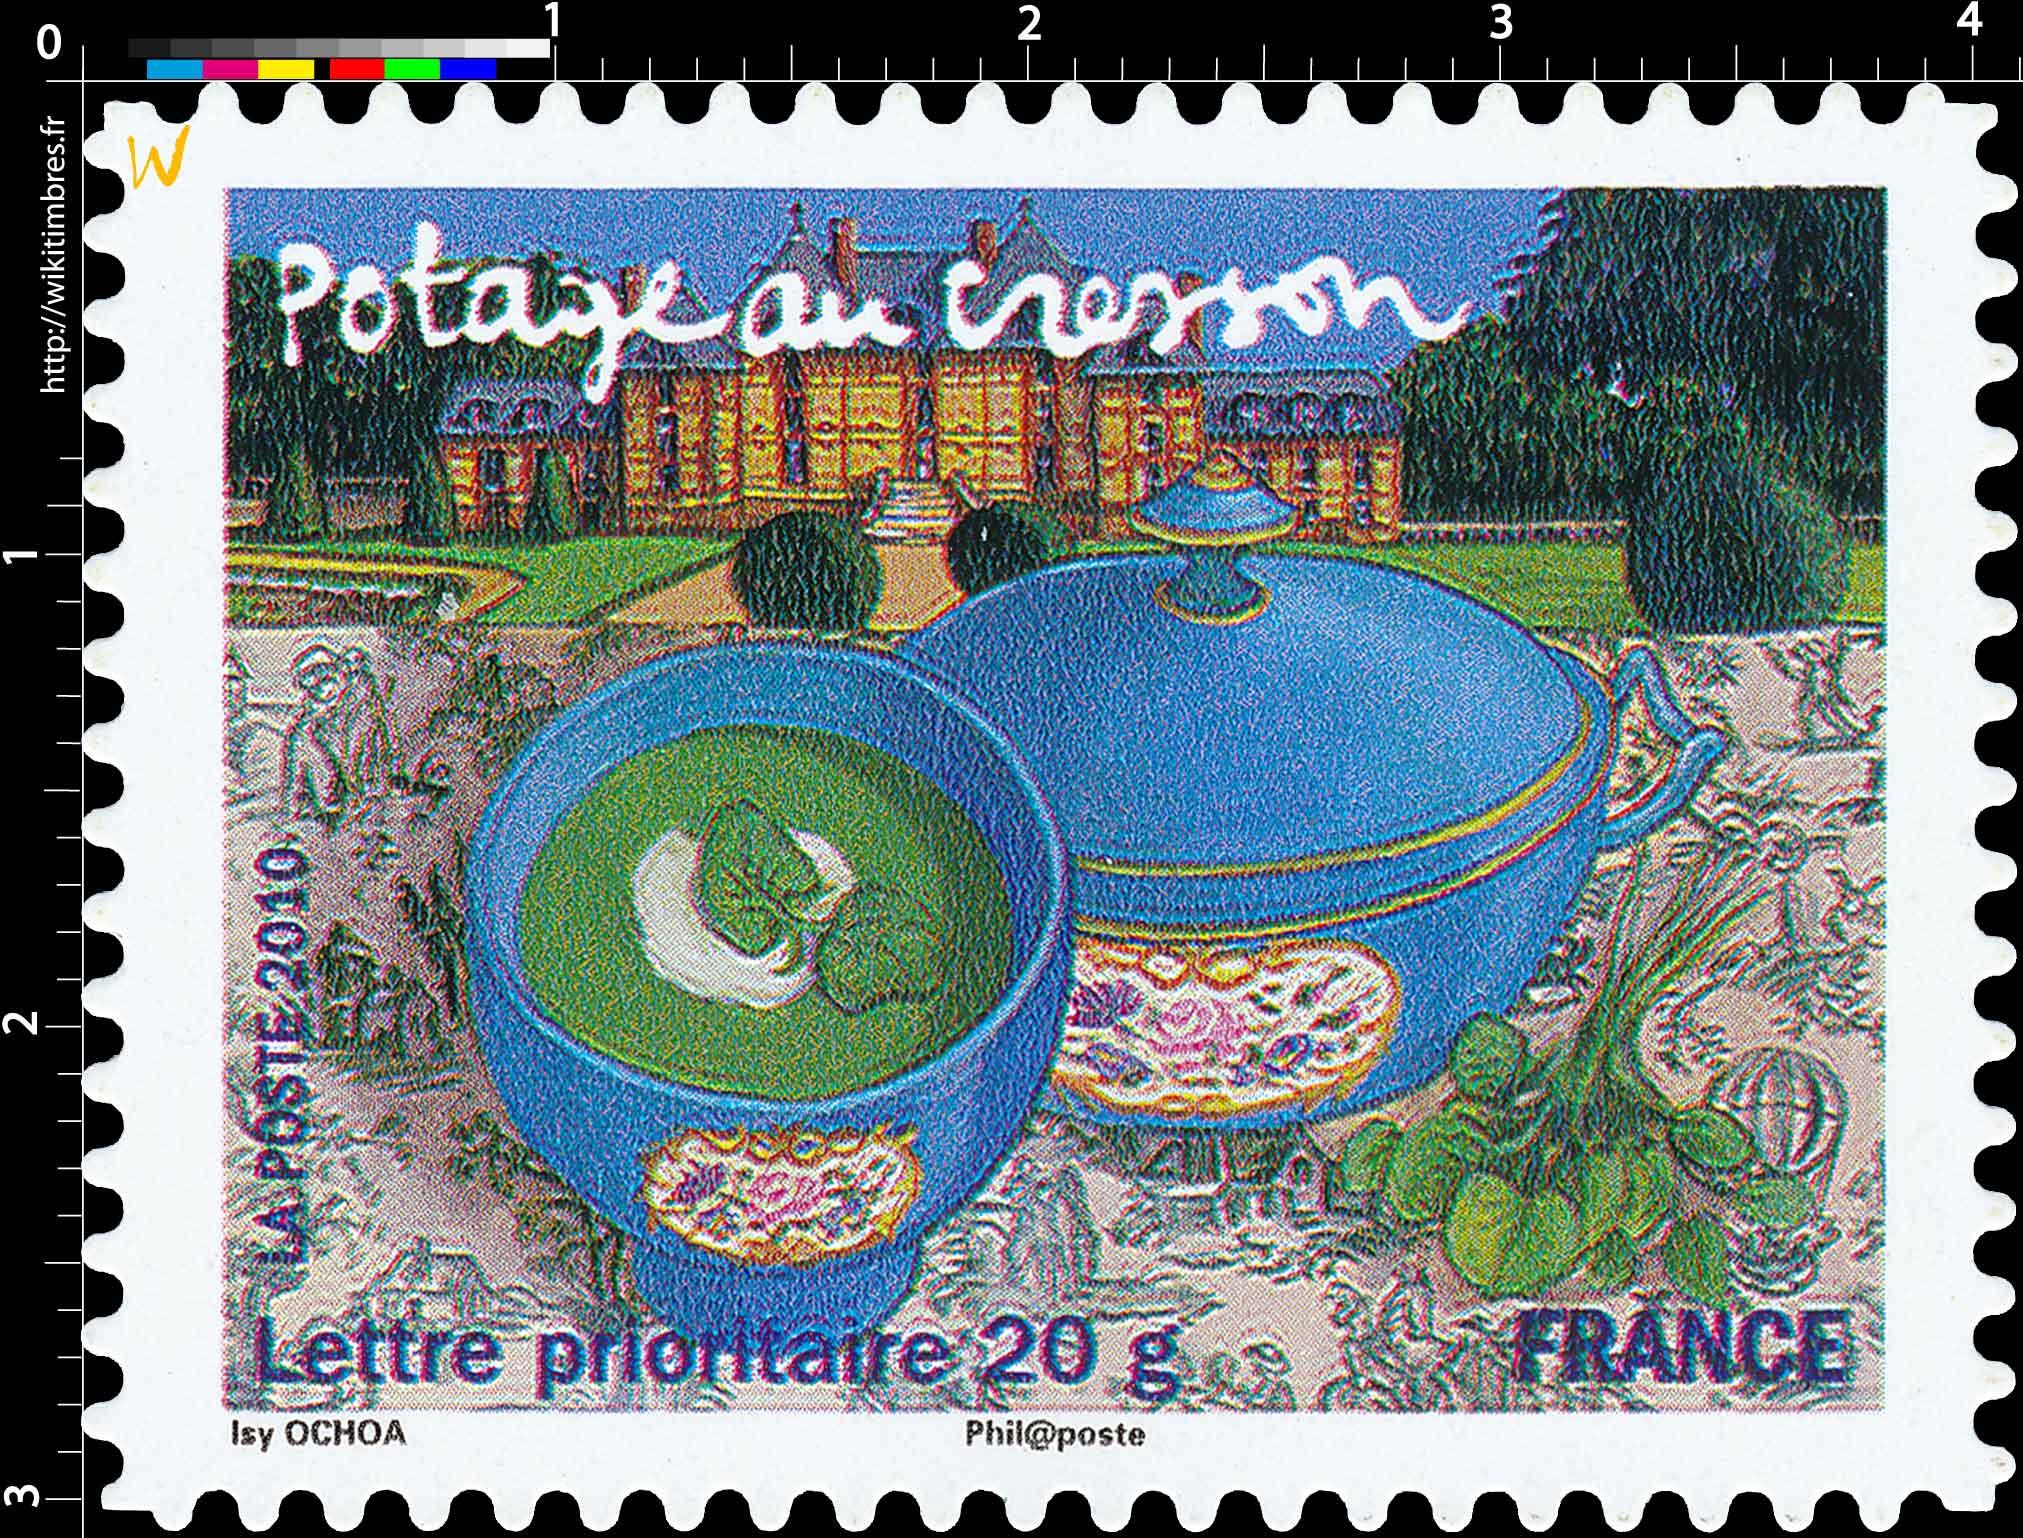 2010 Potage au cresson